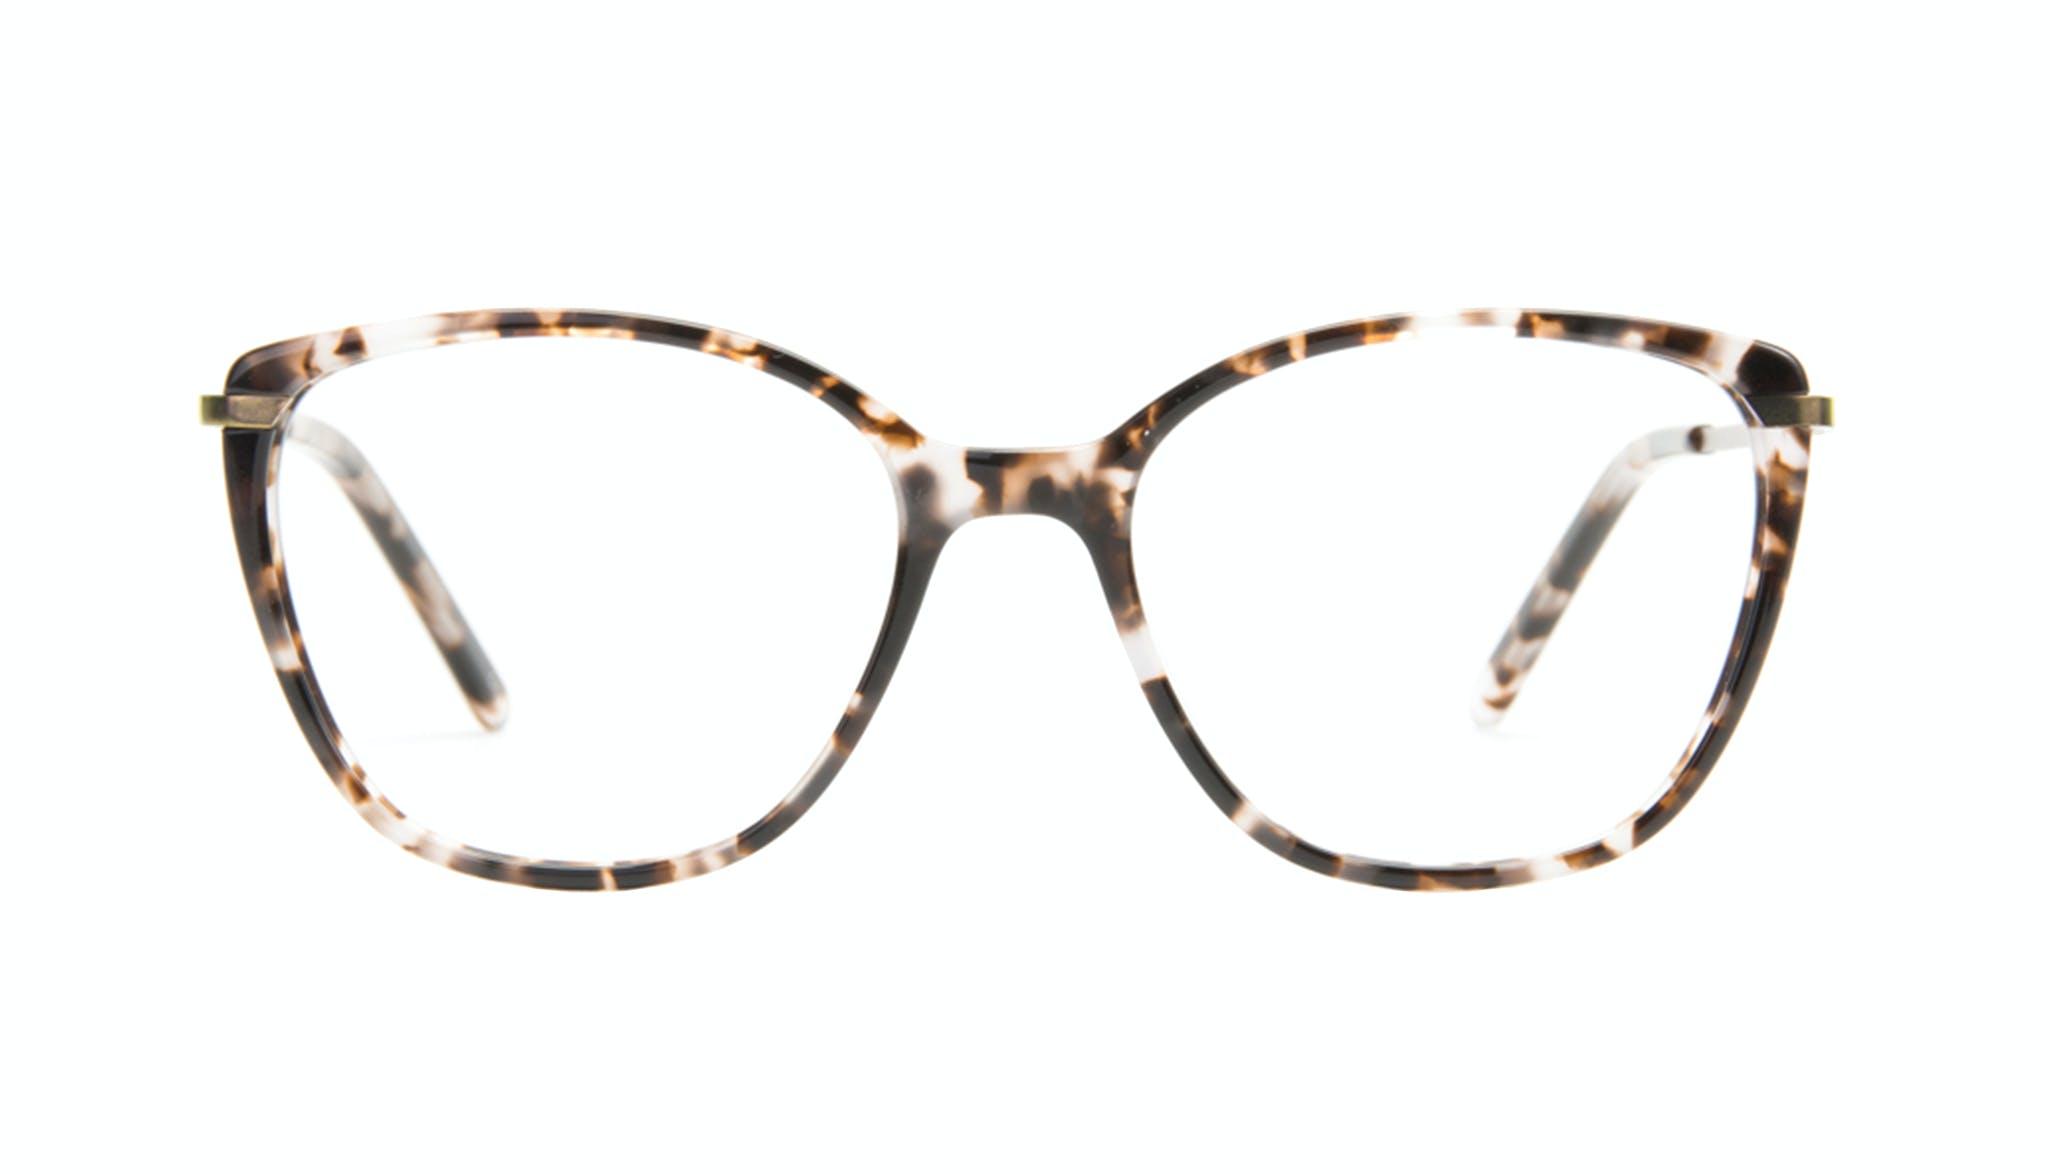 Lunettes tendance Oeil de chat Rectangle Carrée Lunettes de vue Femmes Illusion Sand Face